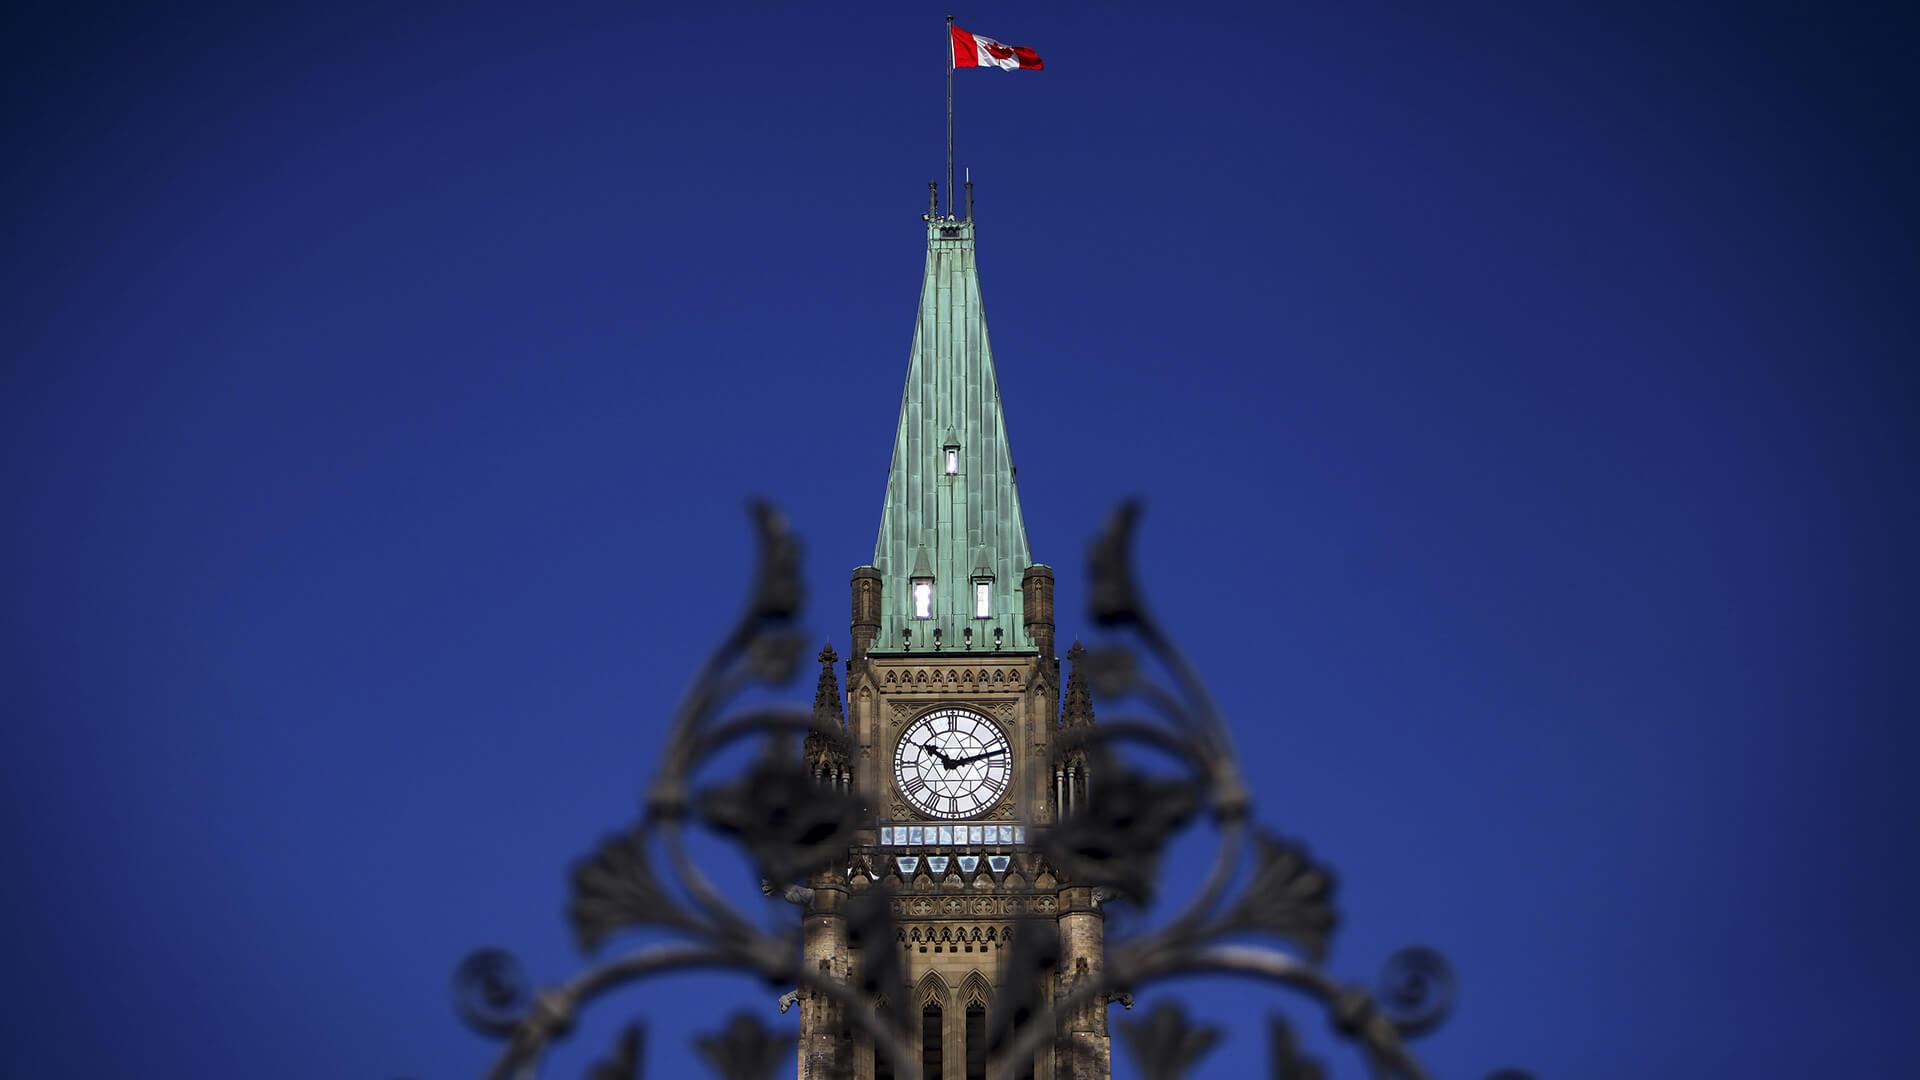 Orçamento Canadense 2016: Grande Déficit para investir na classe média e infra-estrutura 13639244001 4306685037001 FINAL FlagMaster 0 1